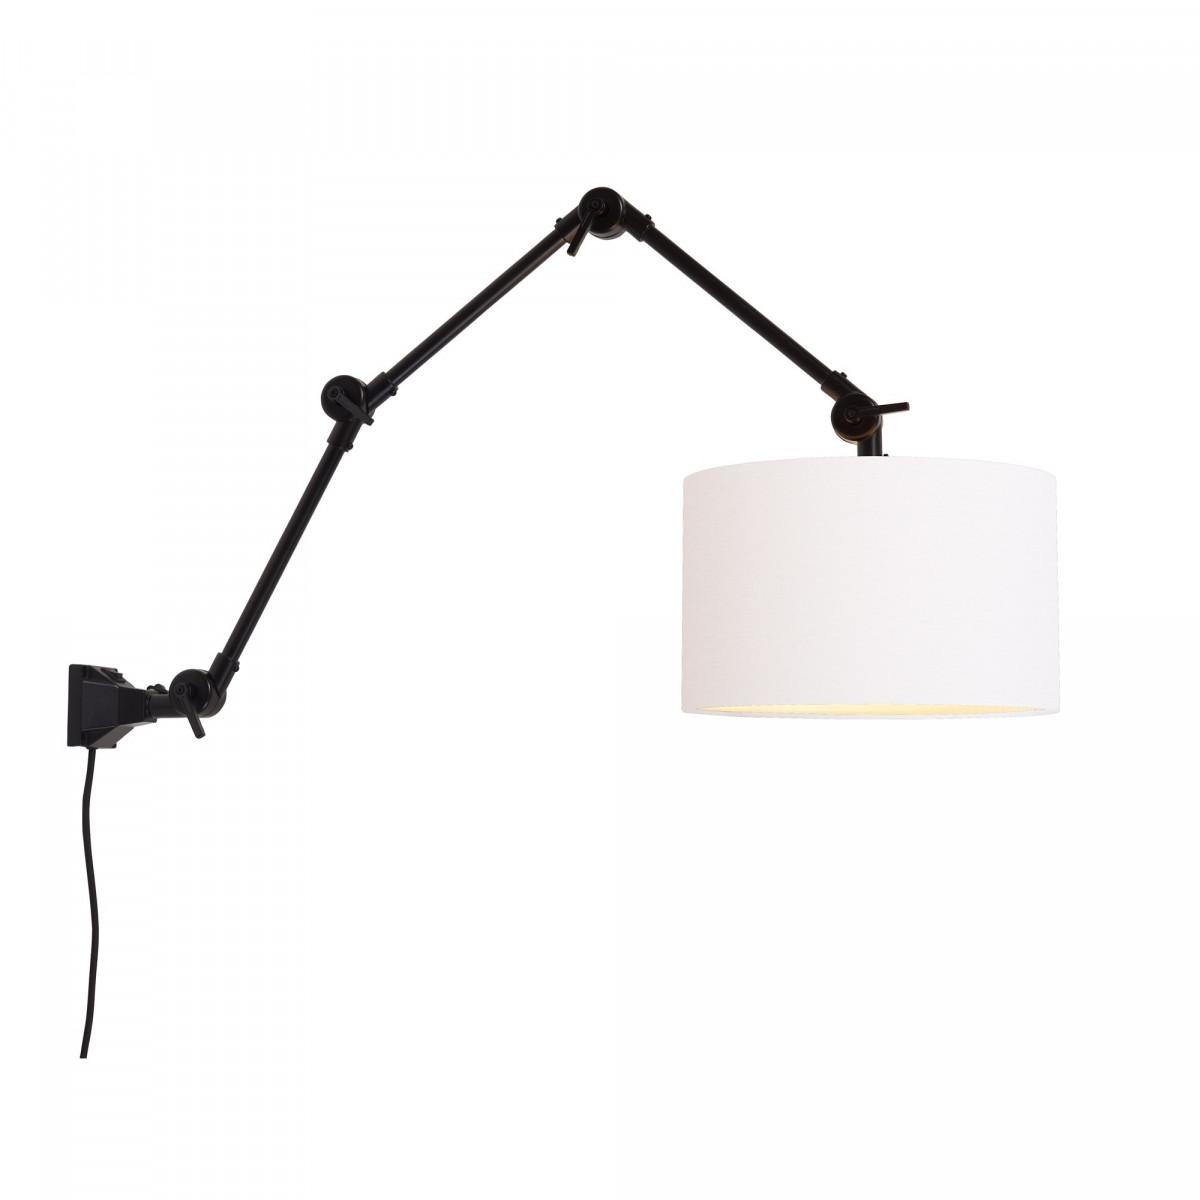 Applique suspension Amsterdam Blanc 7,5x105x30 cm